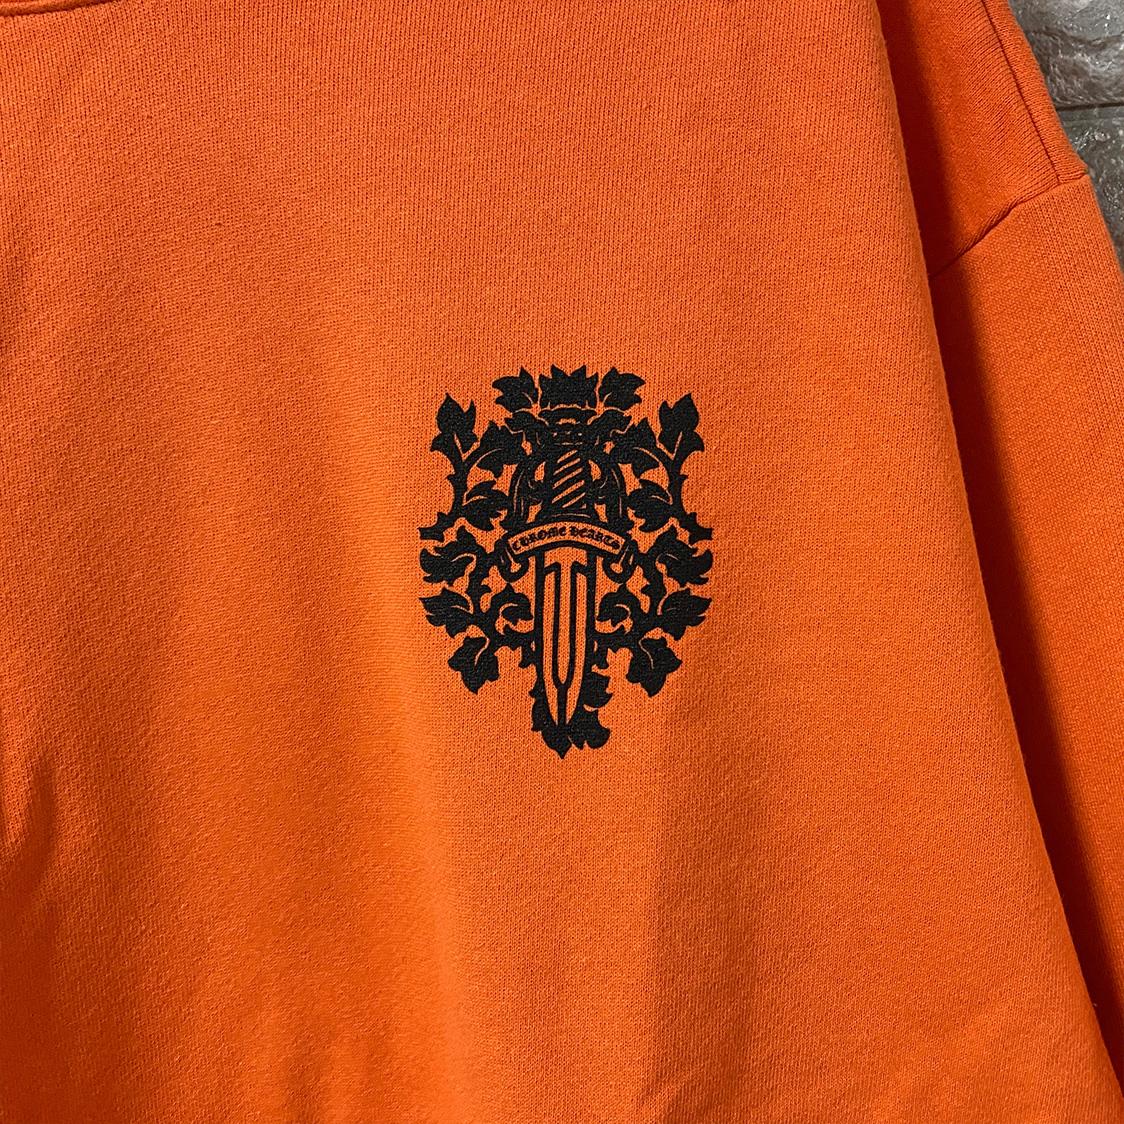 希少 新品 クロムハーツ CHROMEHEARTS 【Lサイズ】 バックダガー プリント プルオーバー パーカー フーディ オレンジ